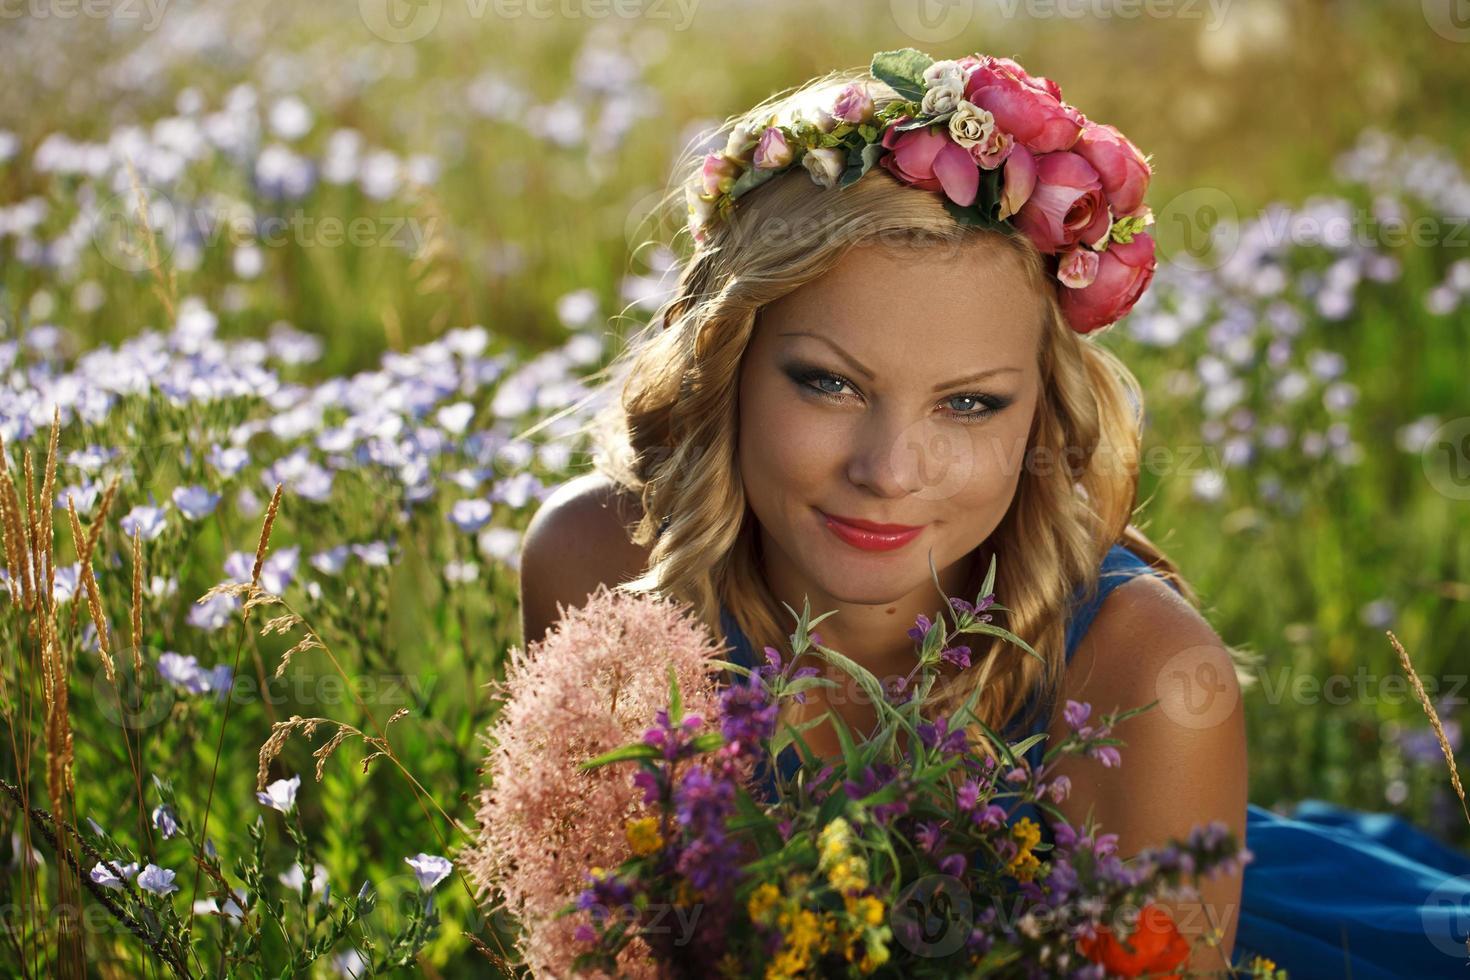 schönes junges Mädchen mit Blumen foto